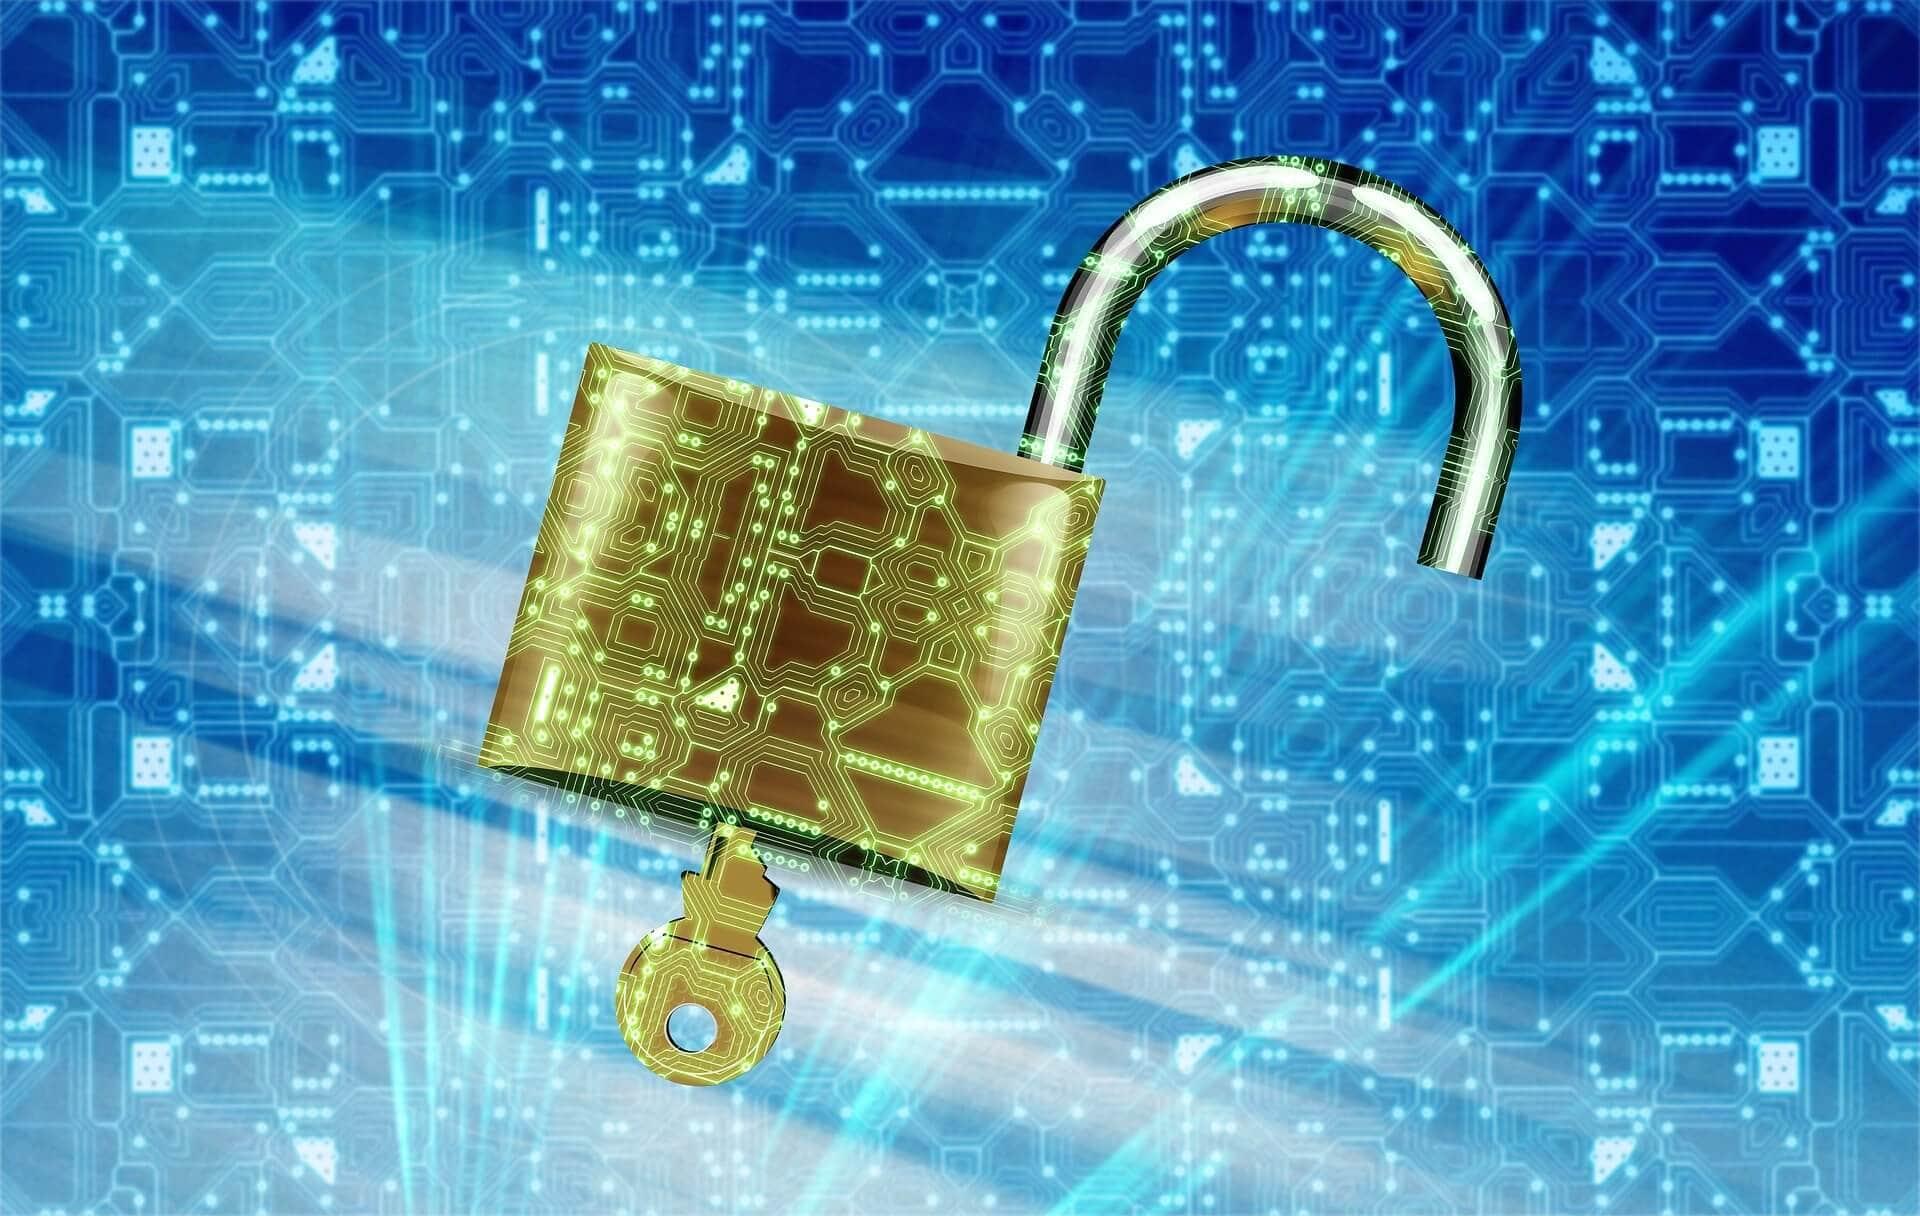 comment protéger vos données grâce à la sécurité informatique dans le Cloud